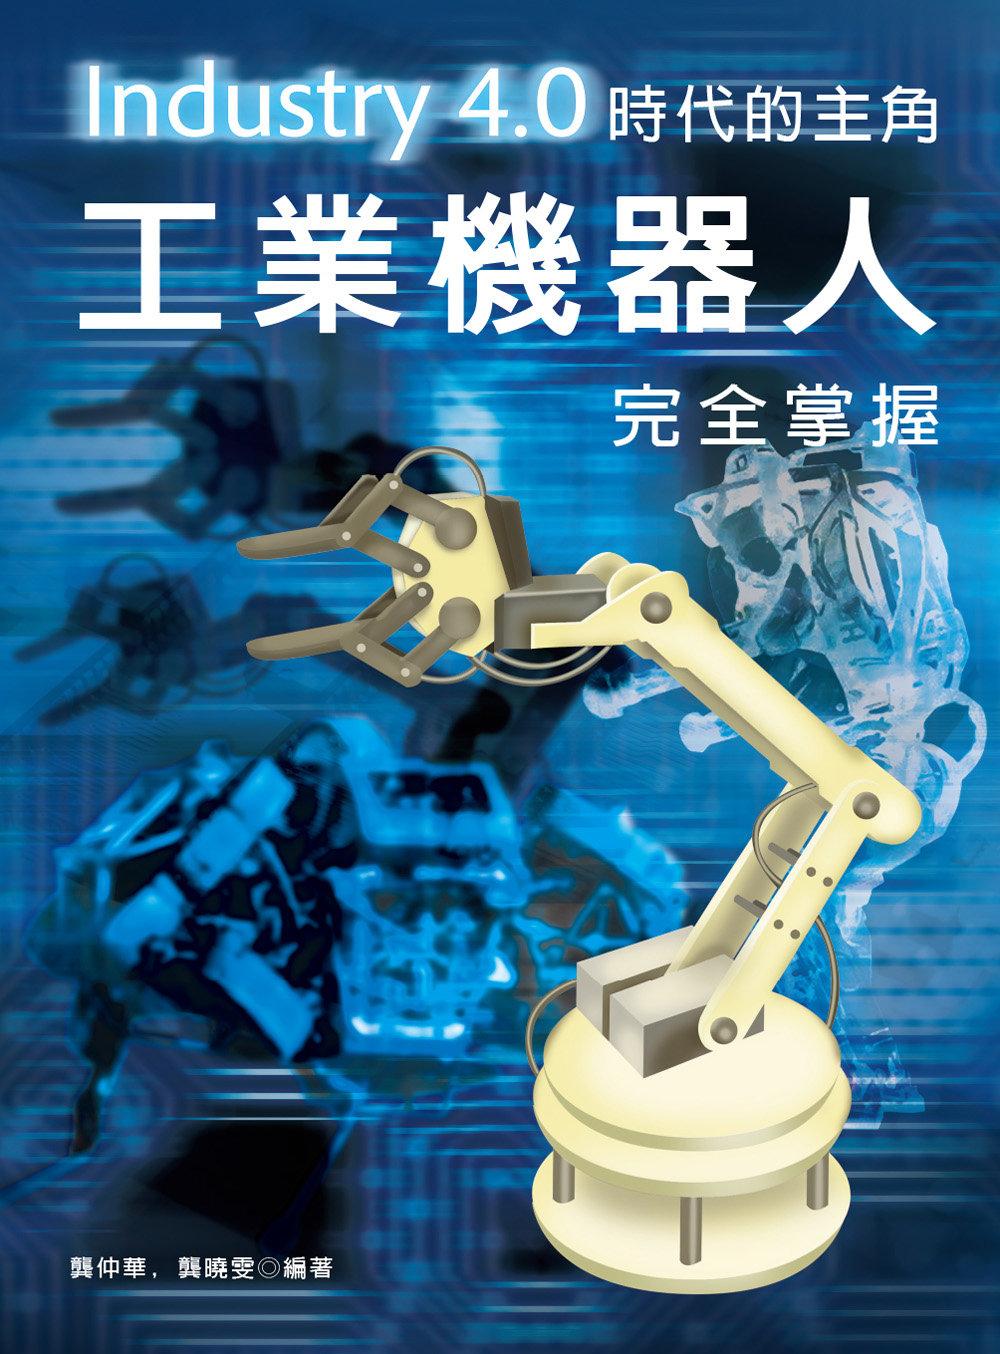 Industry4.0 時代的主角 : 工業機器人完全掌握 (舊名: 親手操作,控制及校調工業機器人)-preview-1